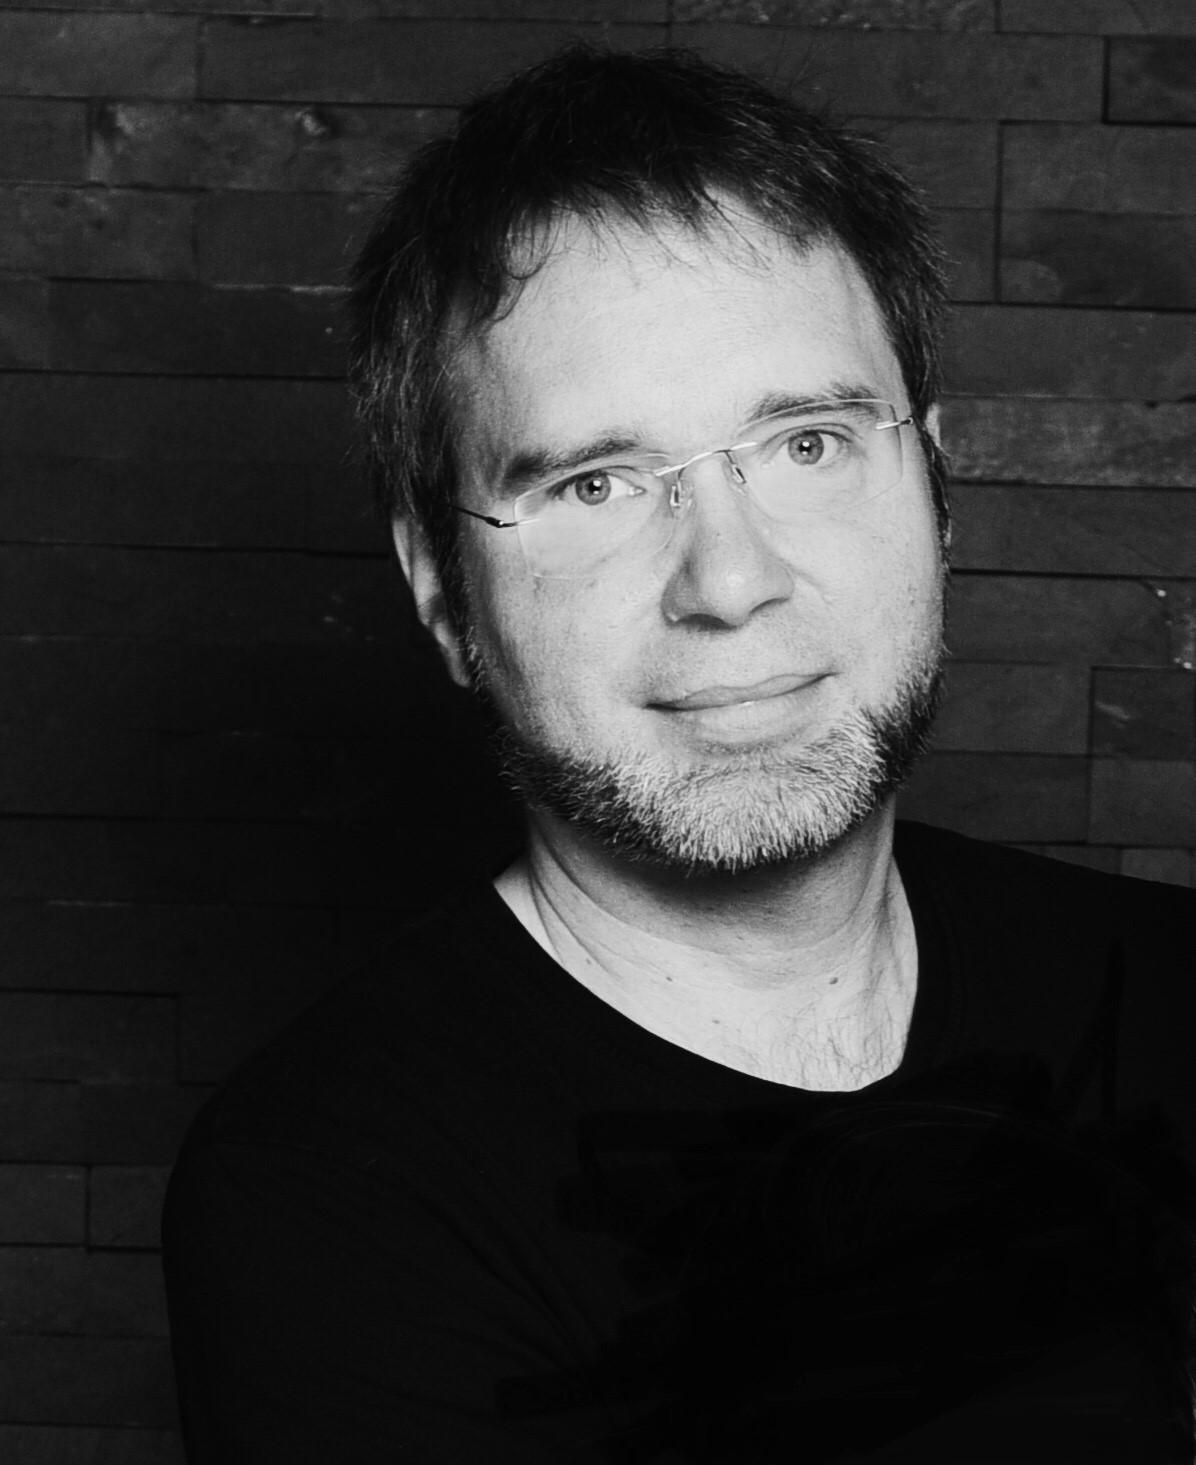 Alexander Drews, geboren 1975, wuchs in einem kleinen Dorf am Rande der Elbmarsch auf. Nach dem Studium der Umweltwissenschaften und der folgenden Promotion arbeitet er als Journalist für Computerzeitschriften.